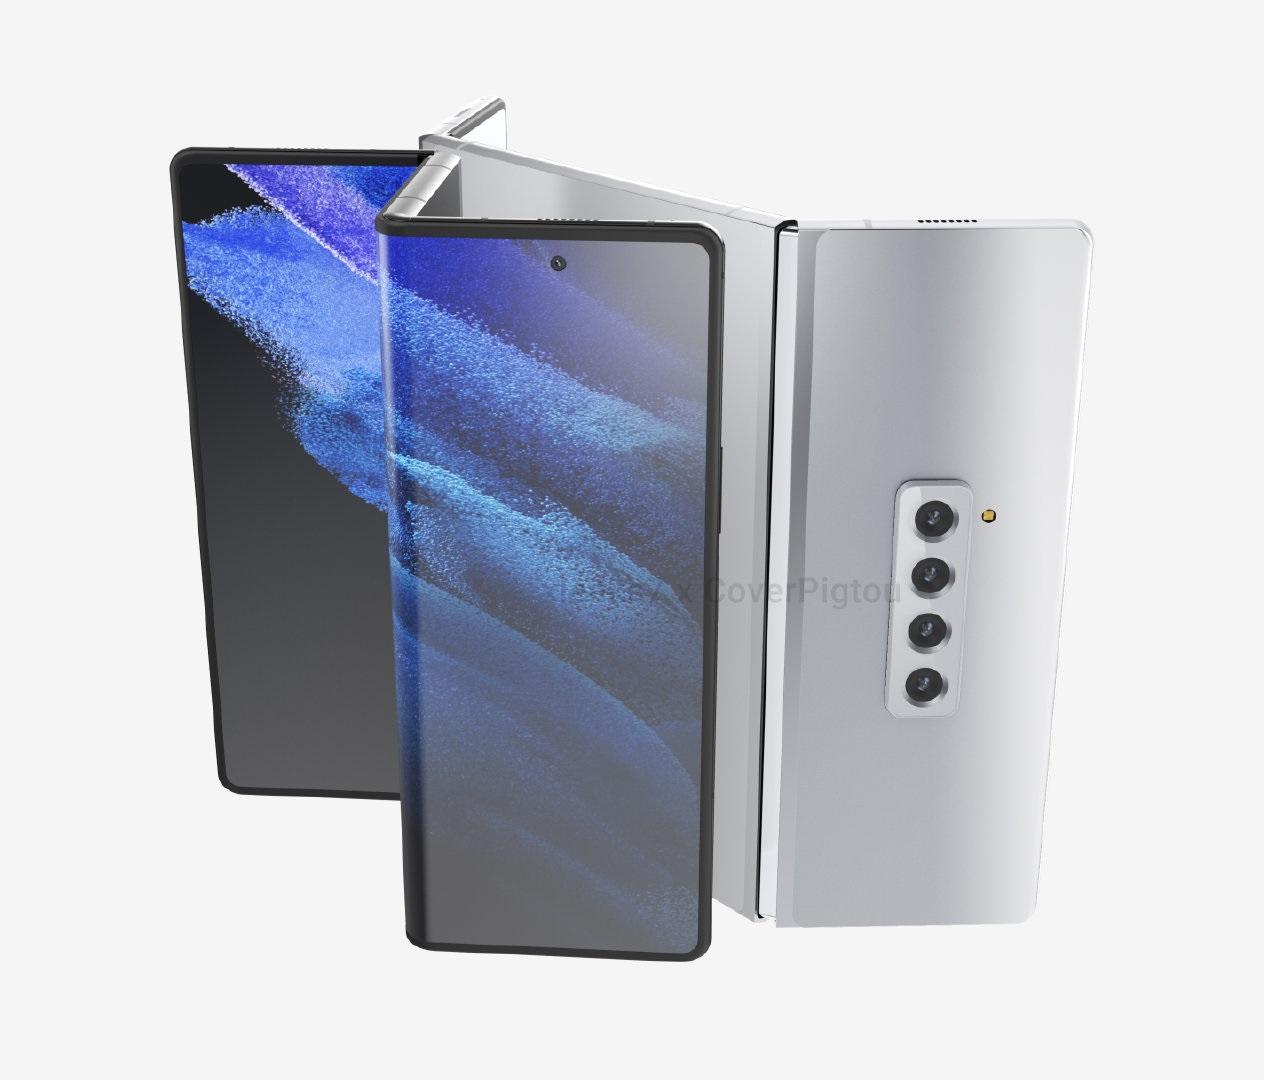 三星折叠屏旗舰Galaxy Z Fold 3有望七月发布 最低存储容量256GB